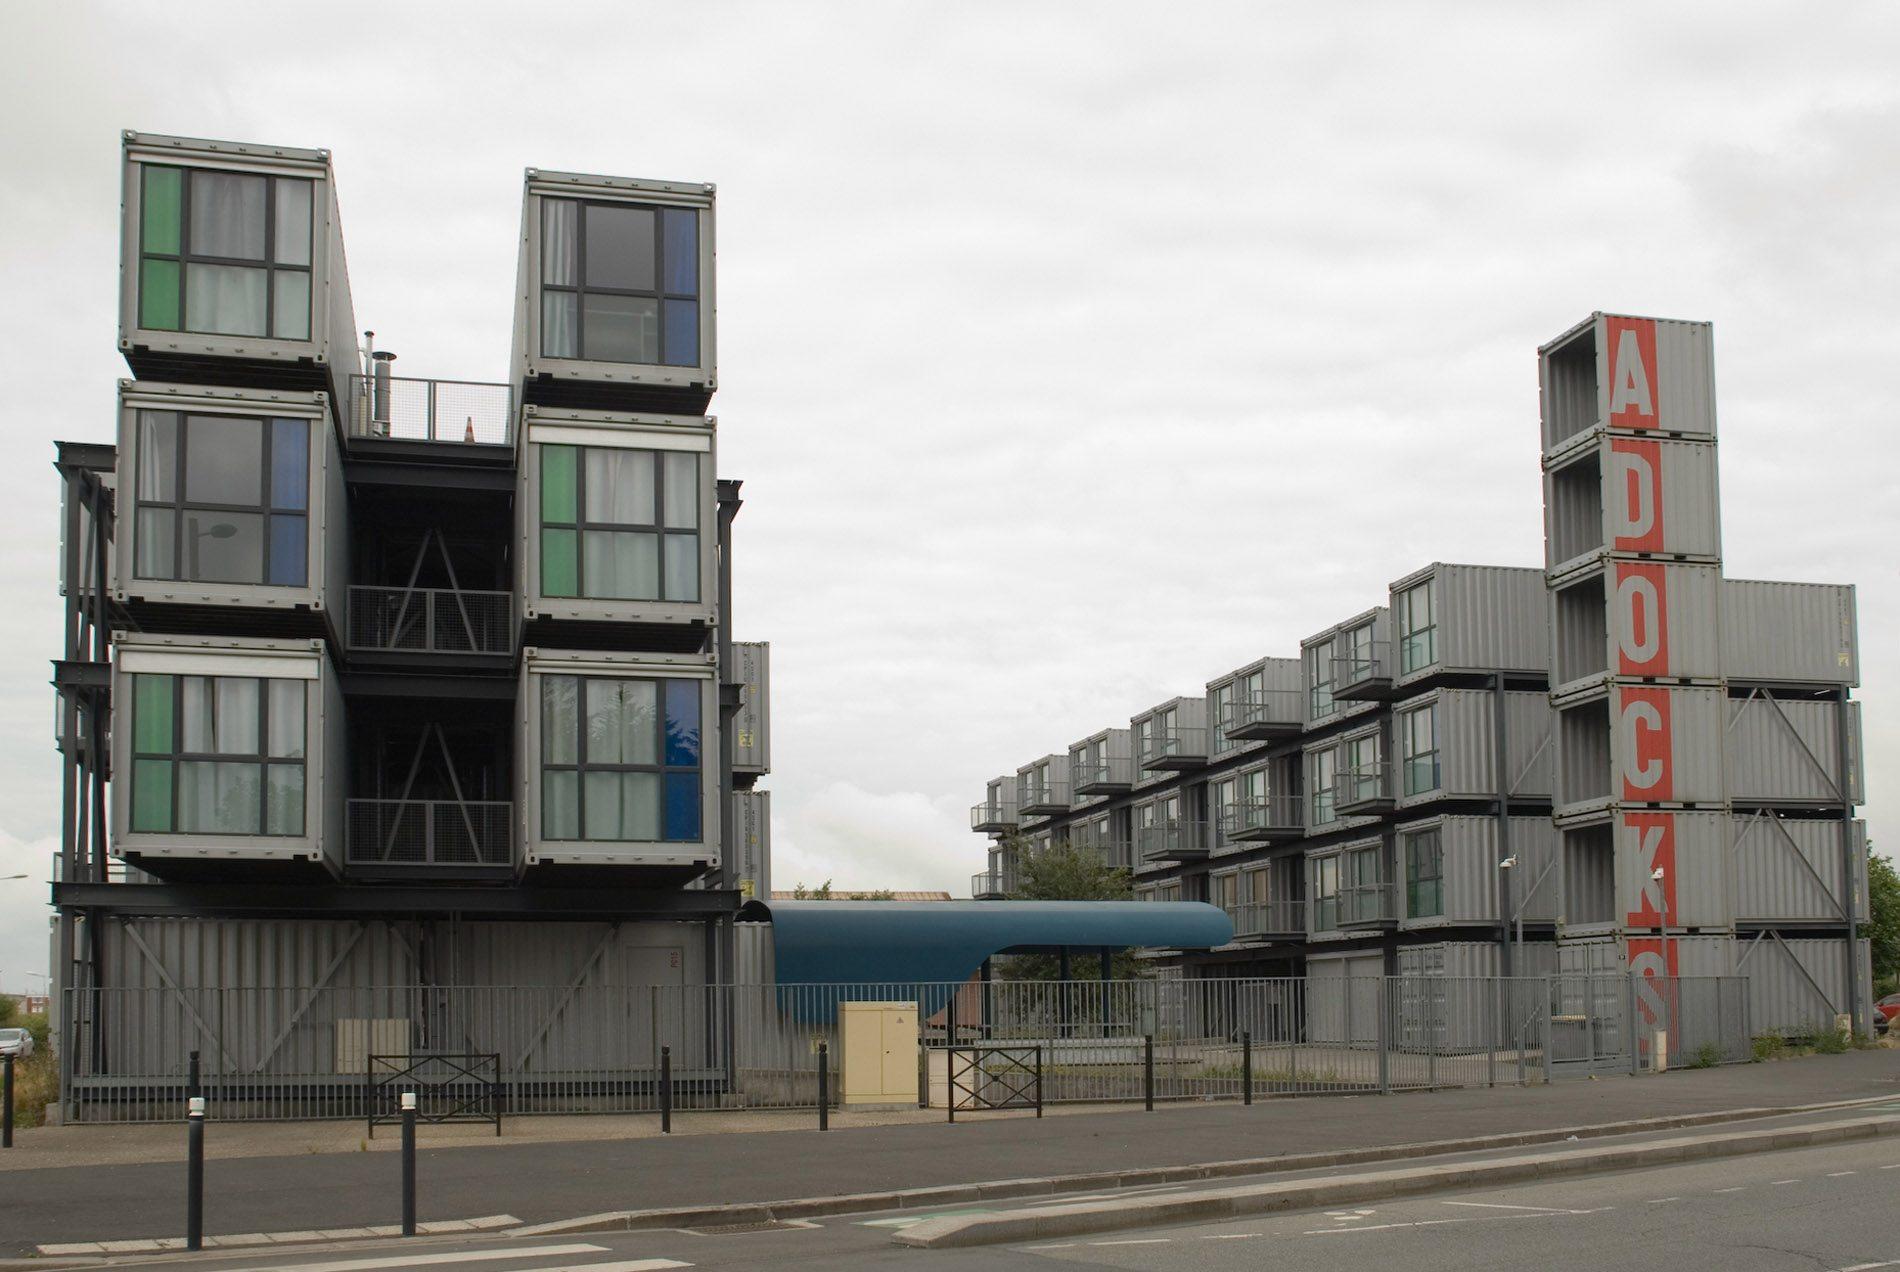 Parcours Les Bassins.  Passend zum Ort: Ein Studierenden-Wohnheim aus Containern. Jeder von Ihnen war garantiert bereits auf hoher See, bevor er hier verbaut wurde.